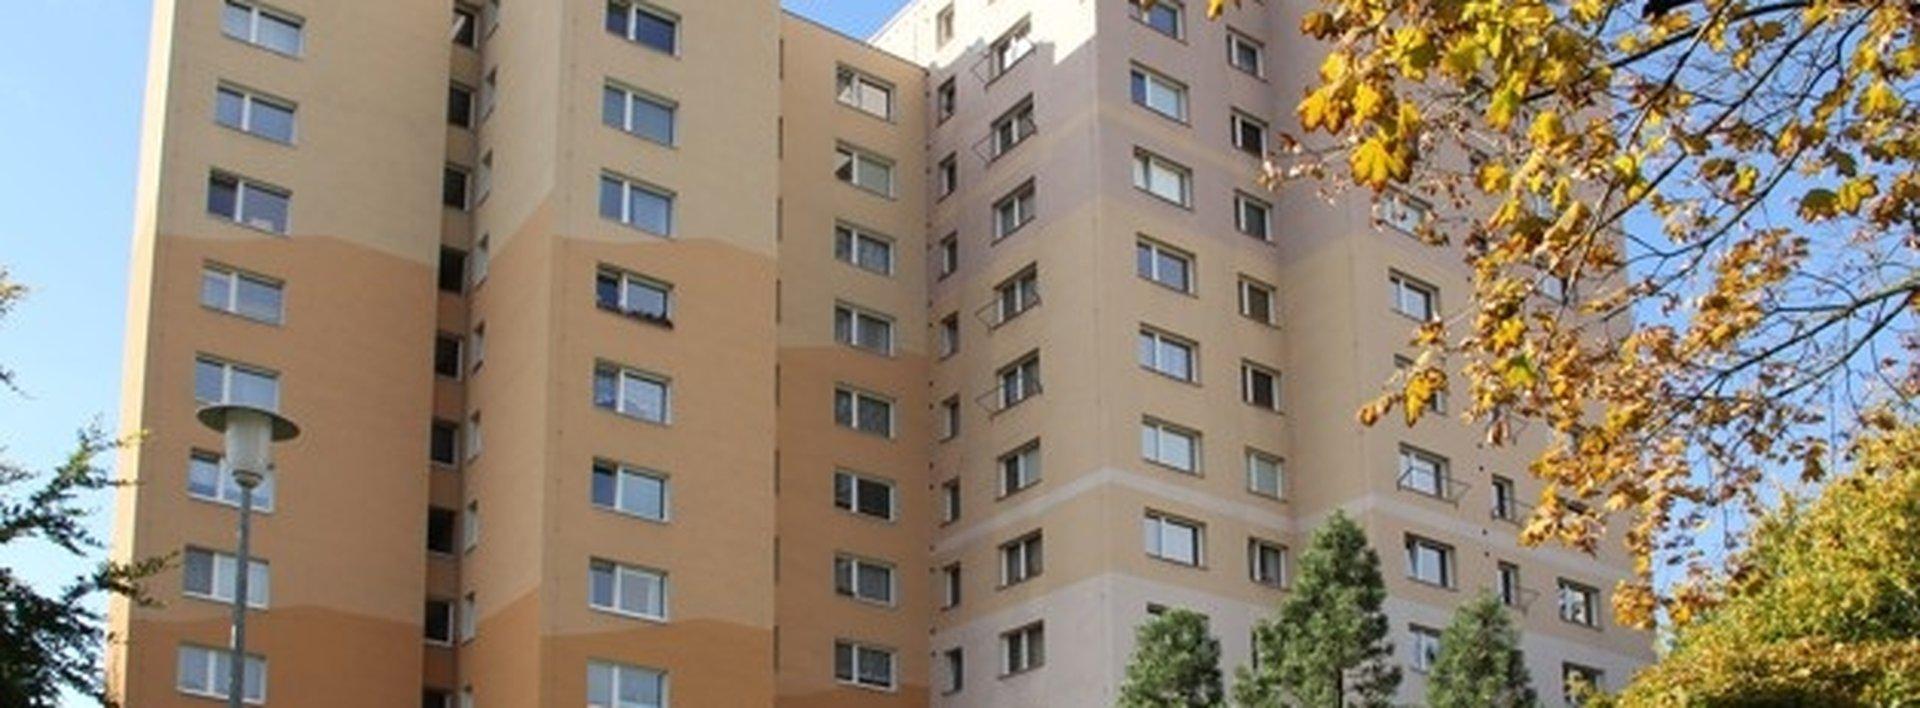 Pronájem bytu 1+kk, 28m², Ev.č.: N47885